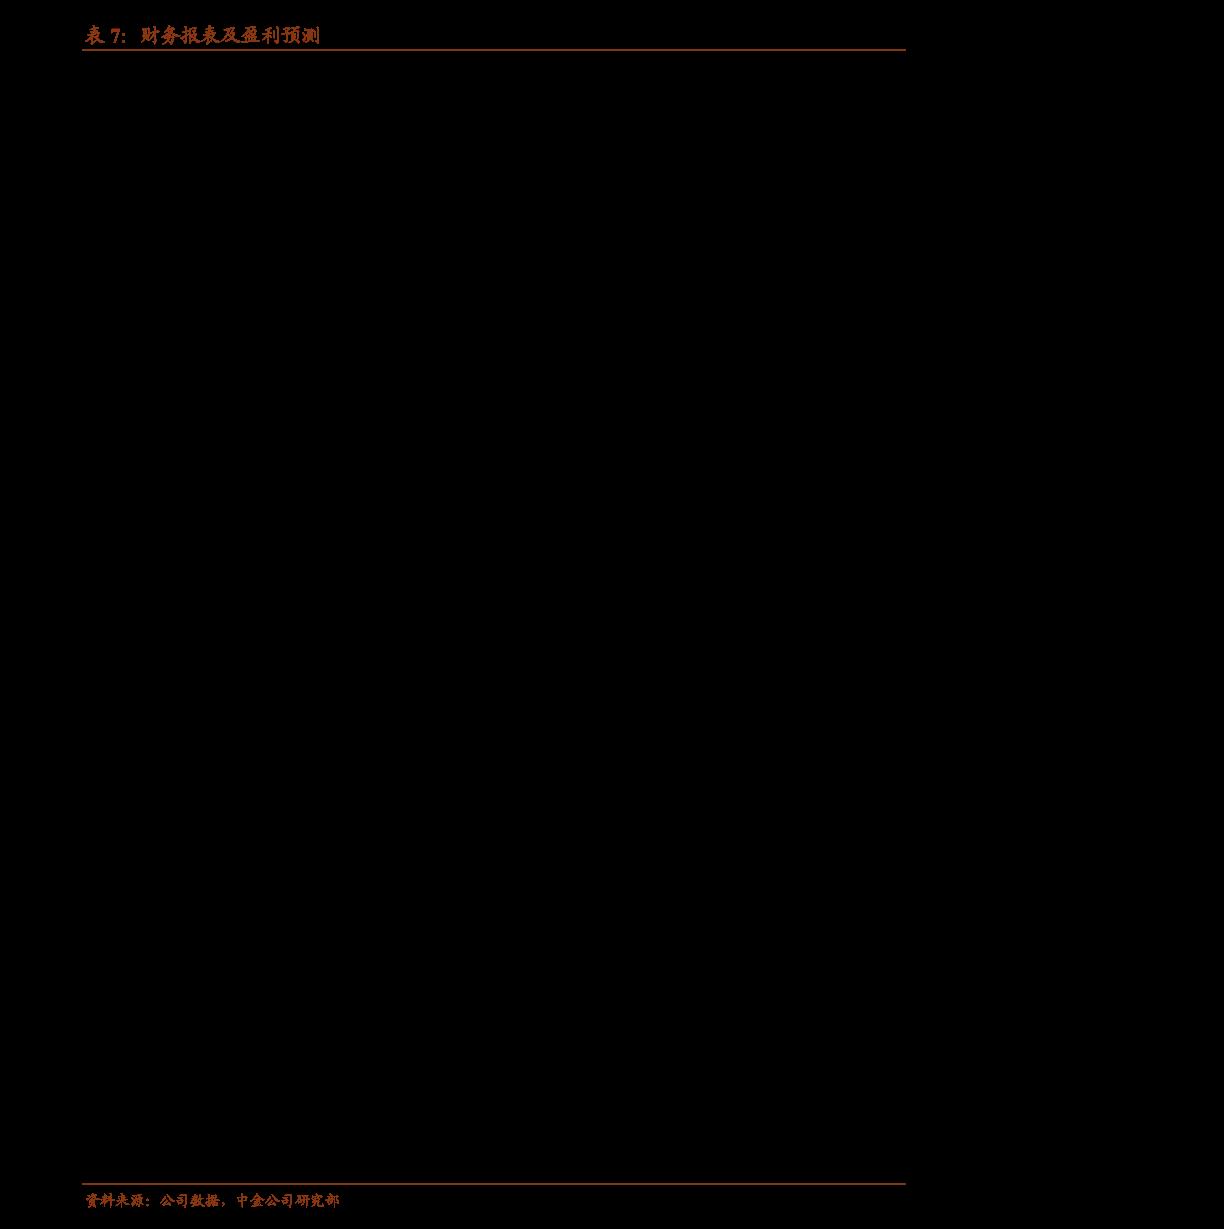 华泰beplay体育彩票-石基信息-002153-中标半岛,意义重大-200914